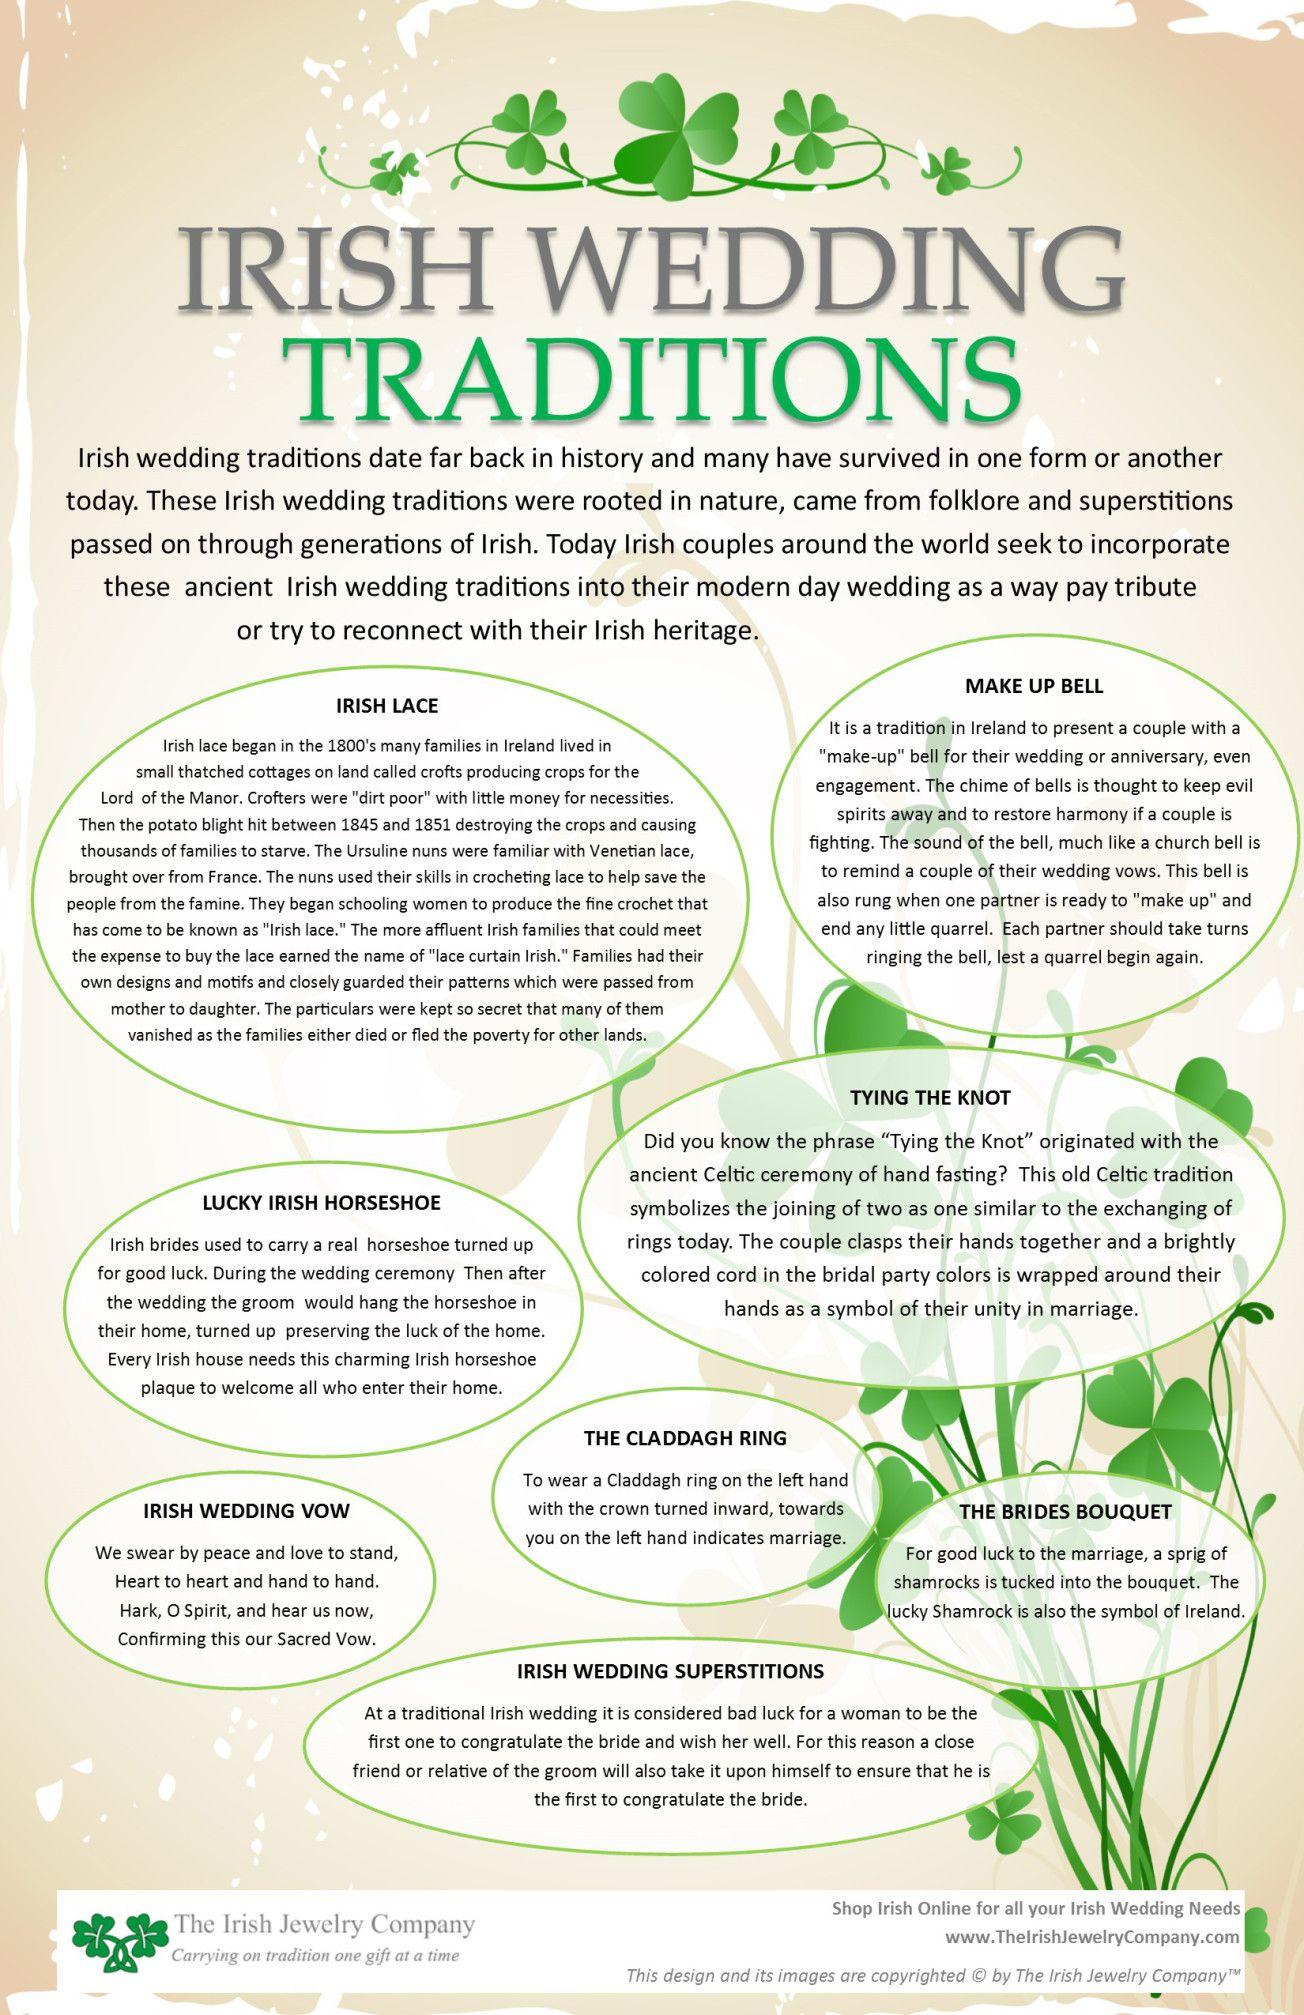 Irish Wedding Traditions Irish wedding traditions, Irish